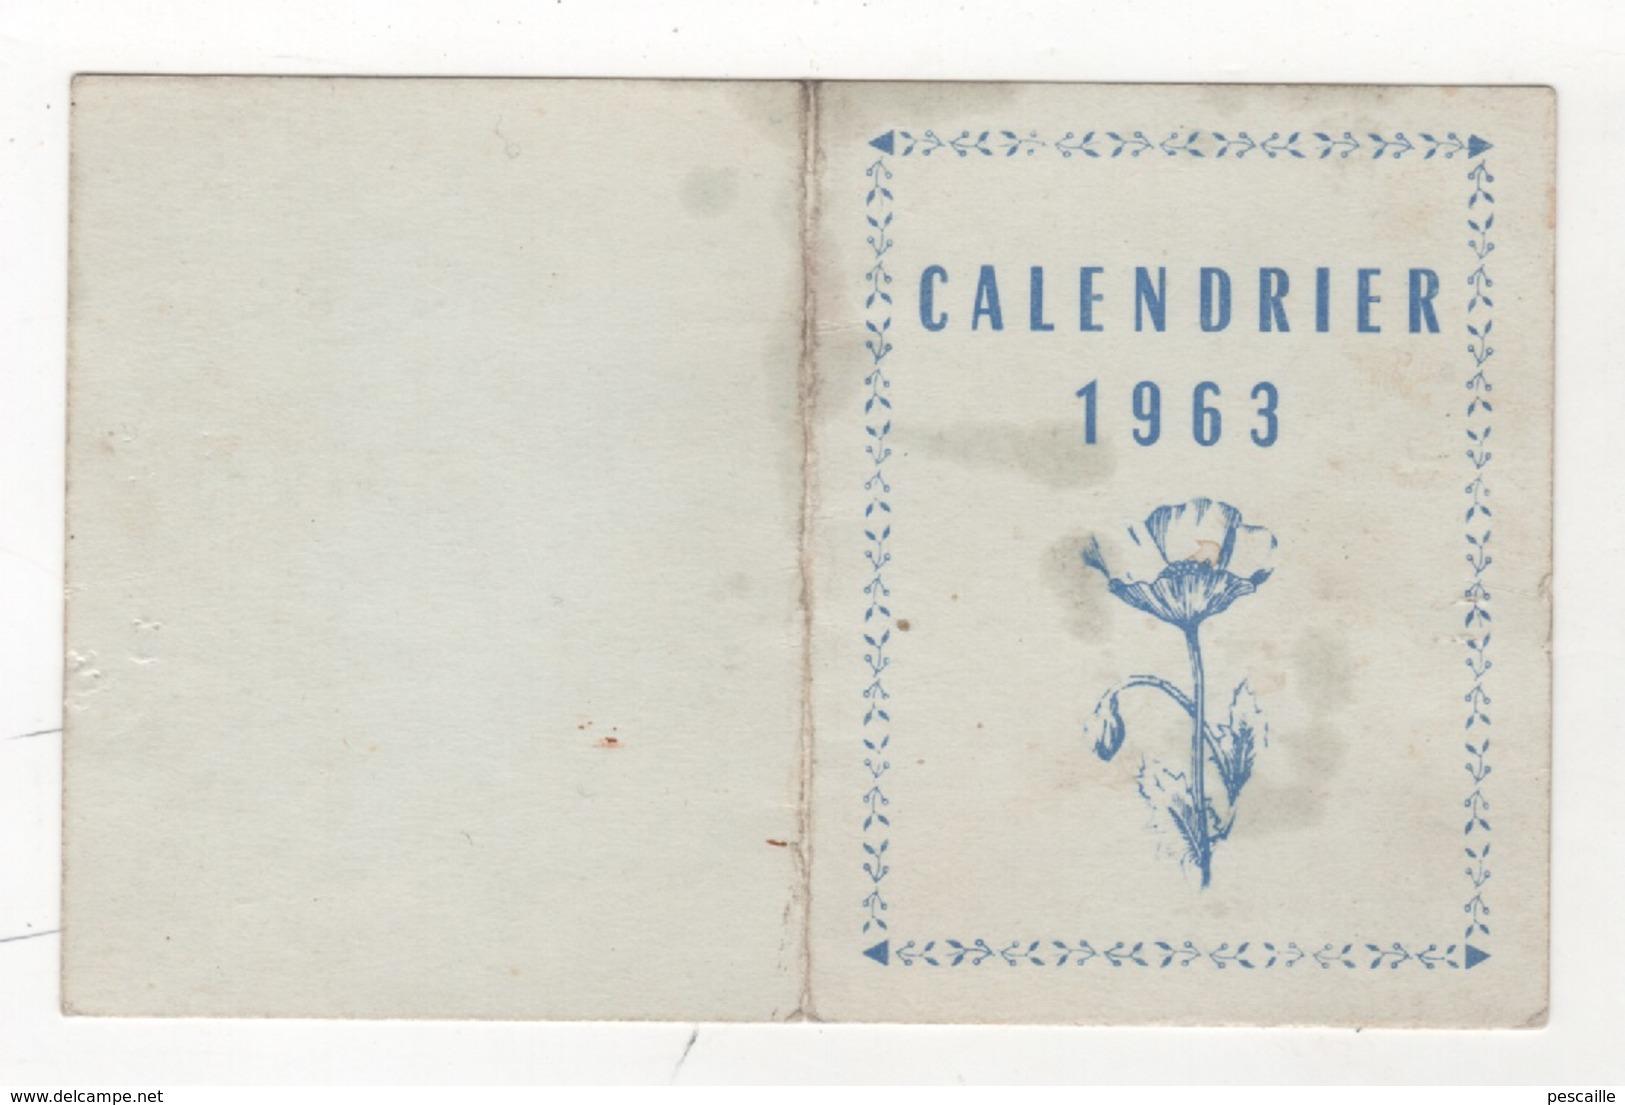 HUMOUR - CALENDRIER 1963 / VOUS ETES PRIE DE NE PAS EMMERDER LE MONDE COMME VOUS L'AVEZ FAIT L'AN PASSE - 12.8 X 8.1 Cm - Petit Format : 1961-70